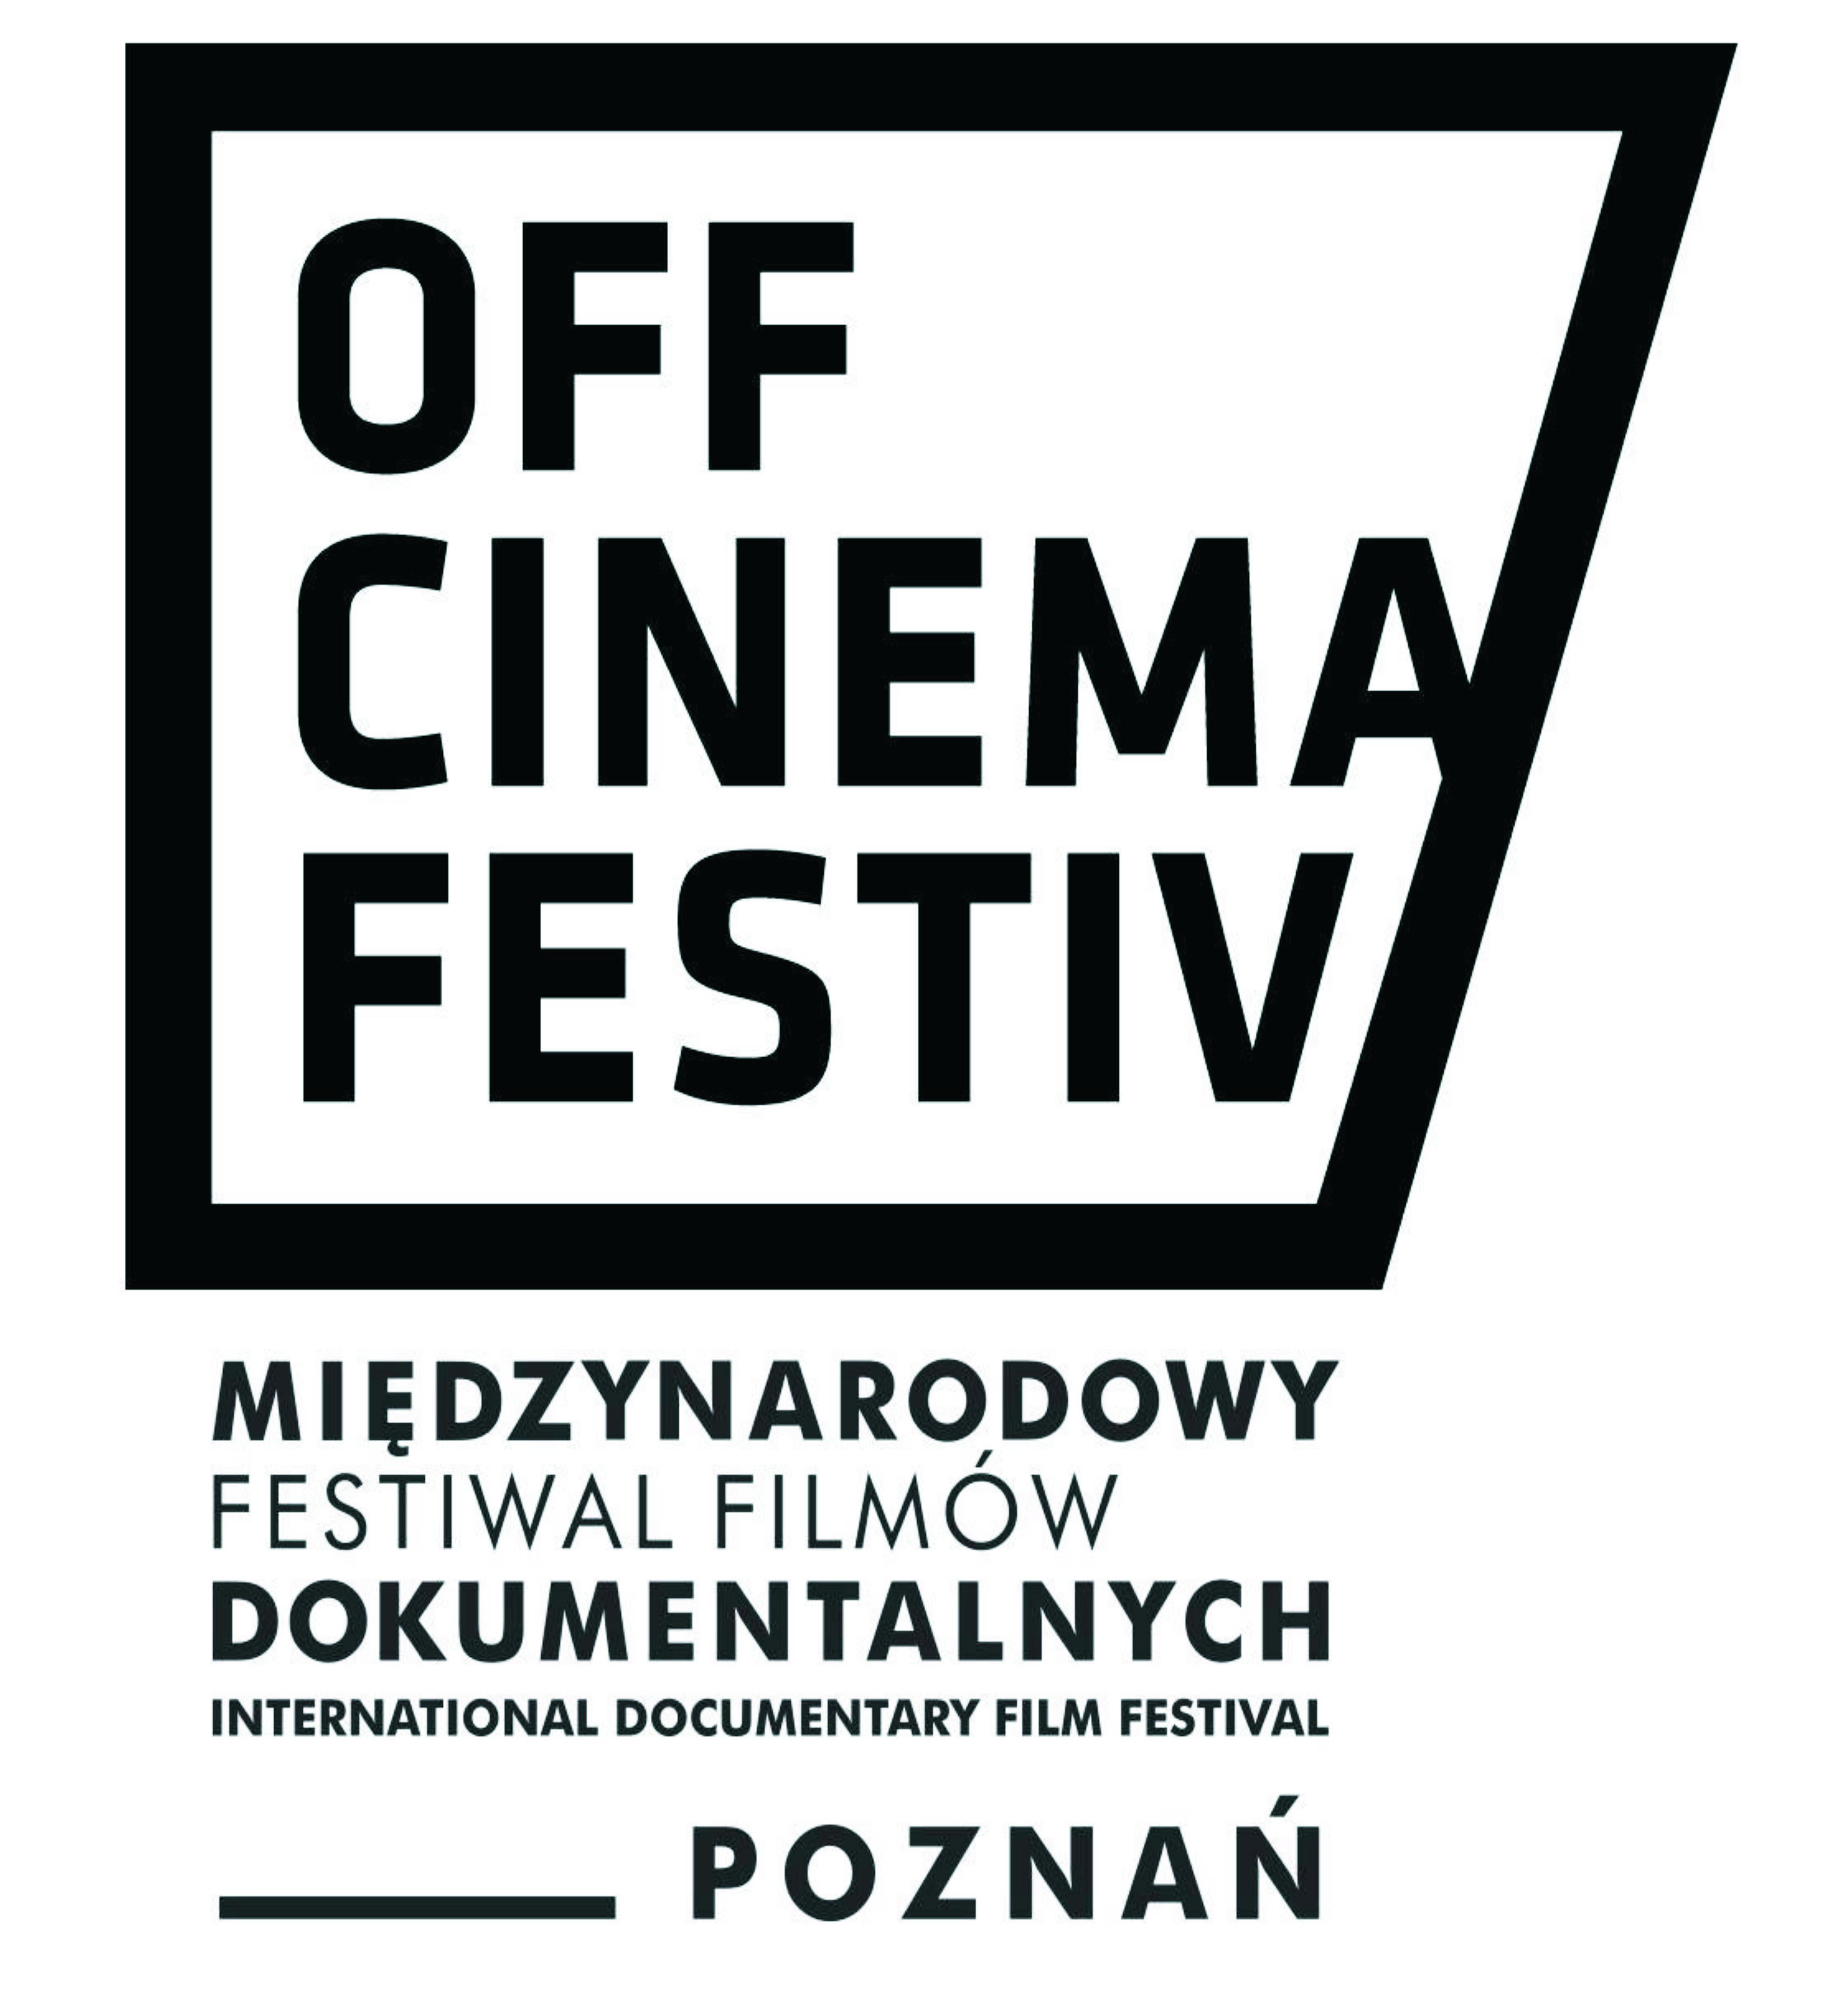 OFF CINEMA 2020: Blok konkursowy 12 - Prawda nas wyzwoli